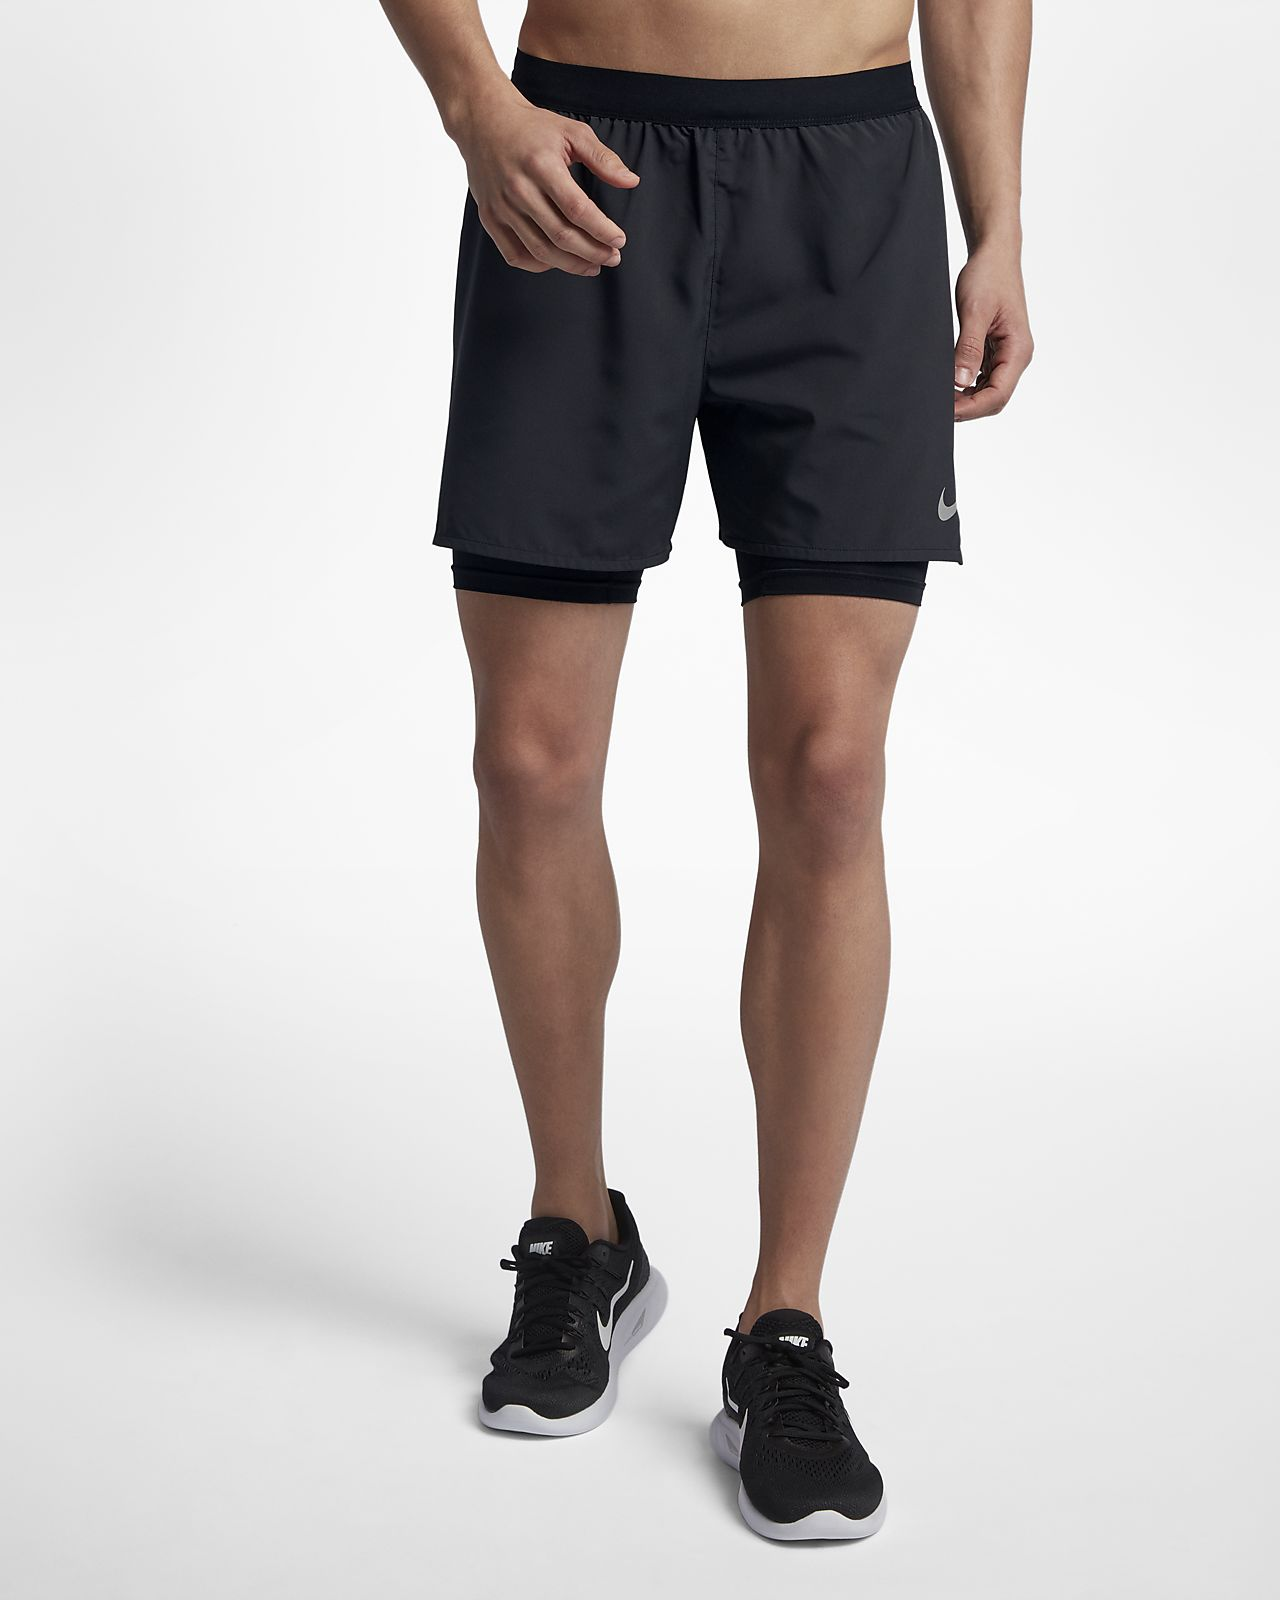 2 nike running shorts